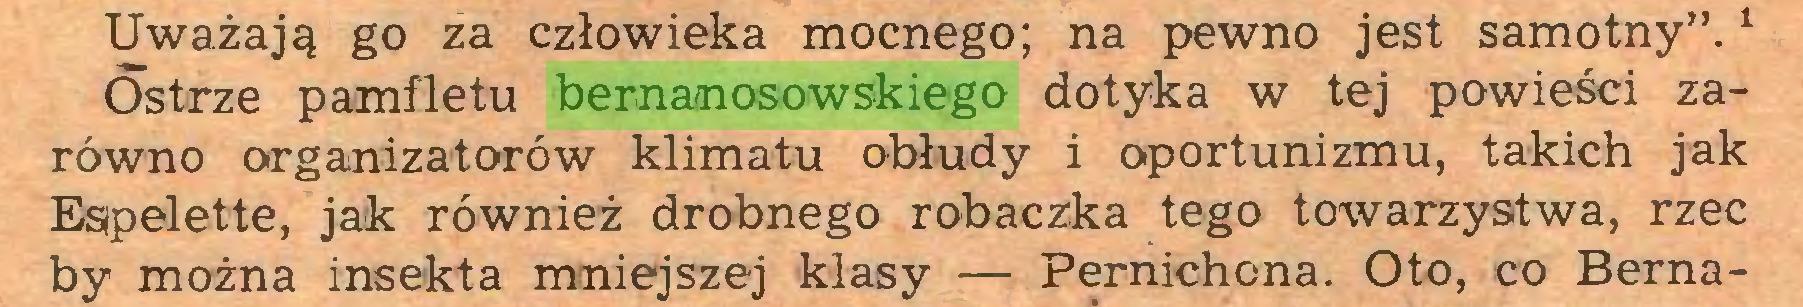 """(...) Uważają go za człowieka mocnego; na pewno jest samotny"""".1 Ostrze pamfletu bernanosowskiego dotyka w tej powieści zarówno organizatorów klimatu obłudy i oportunizmu, takich jak Espelette, jak również drobnego robaczka tego towarzystwa, rzec by można insekta mniejszej klasy — Pernichona. Oto, co Berna..."""